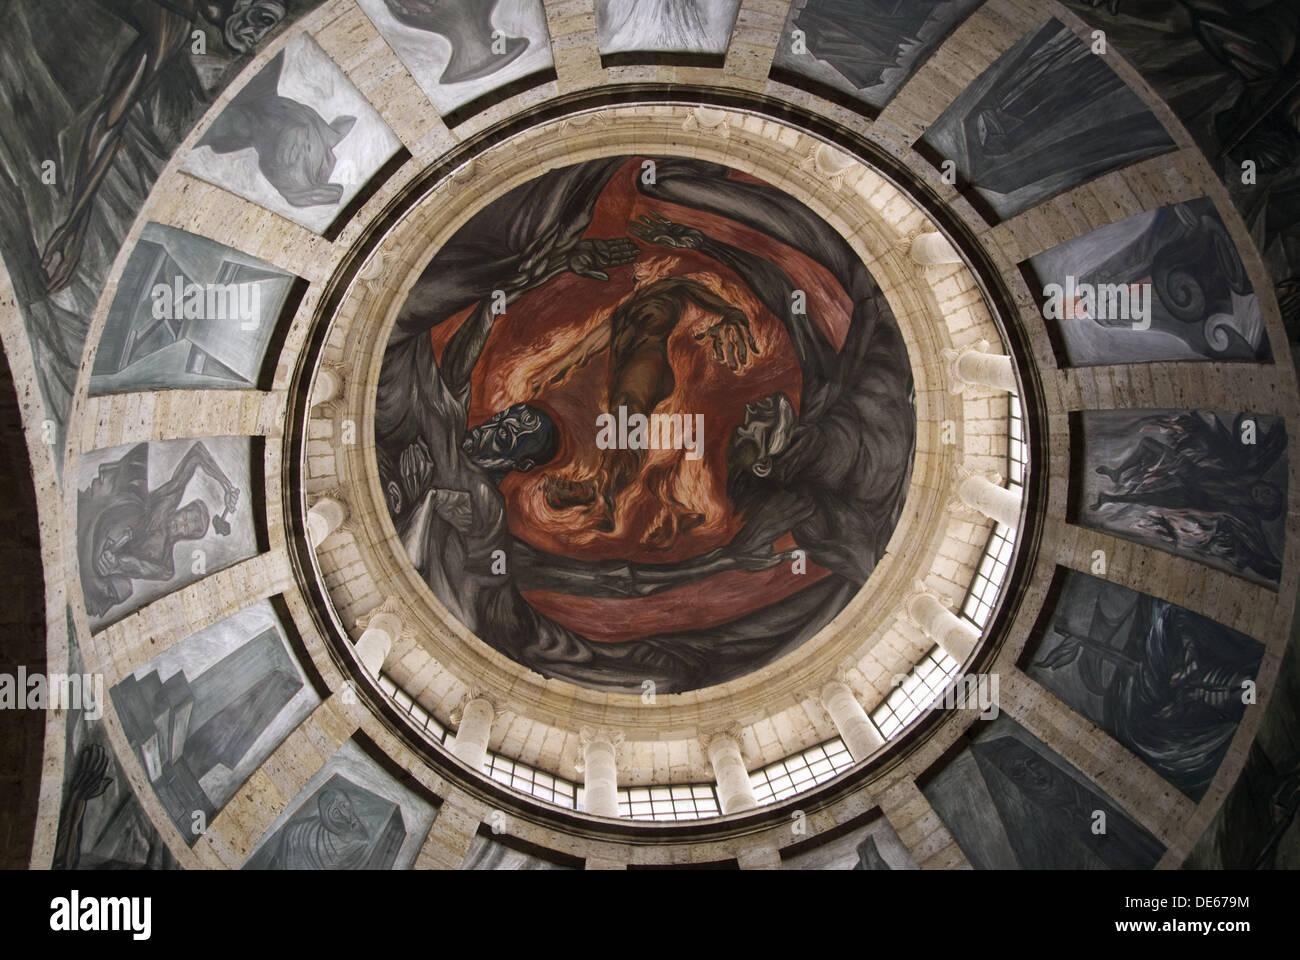 El hombre de fuego man of fire jose clemente orozco s for El hombre de fuego mural de jose clemente orozco